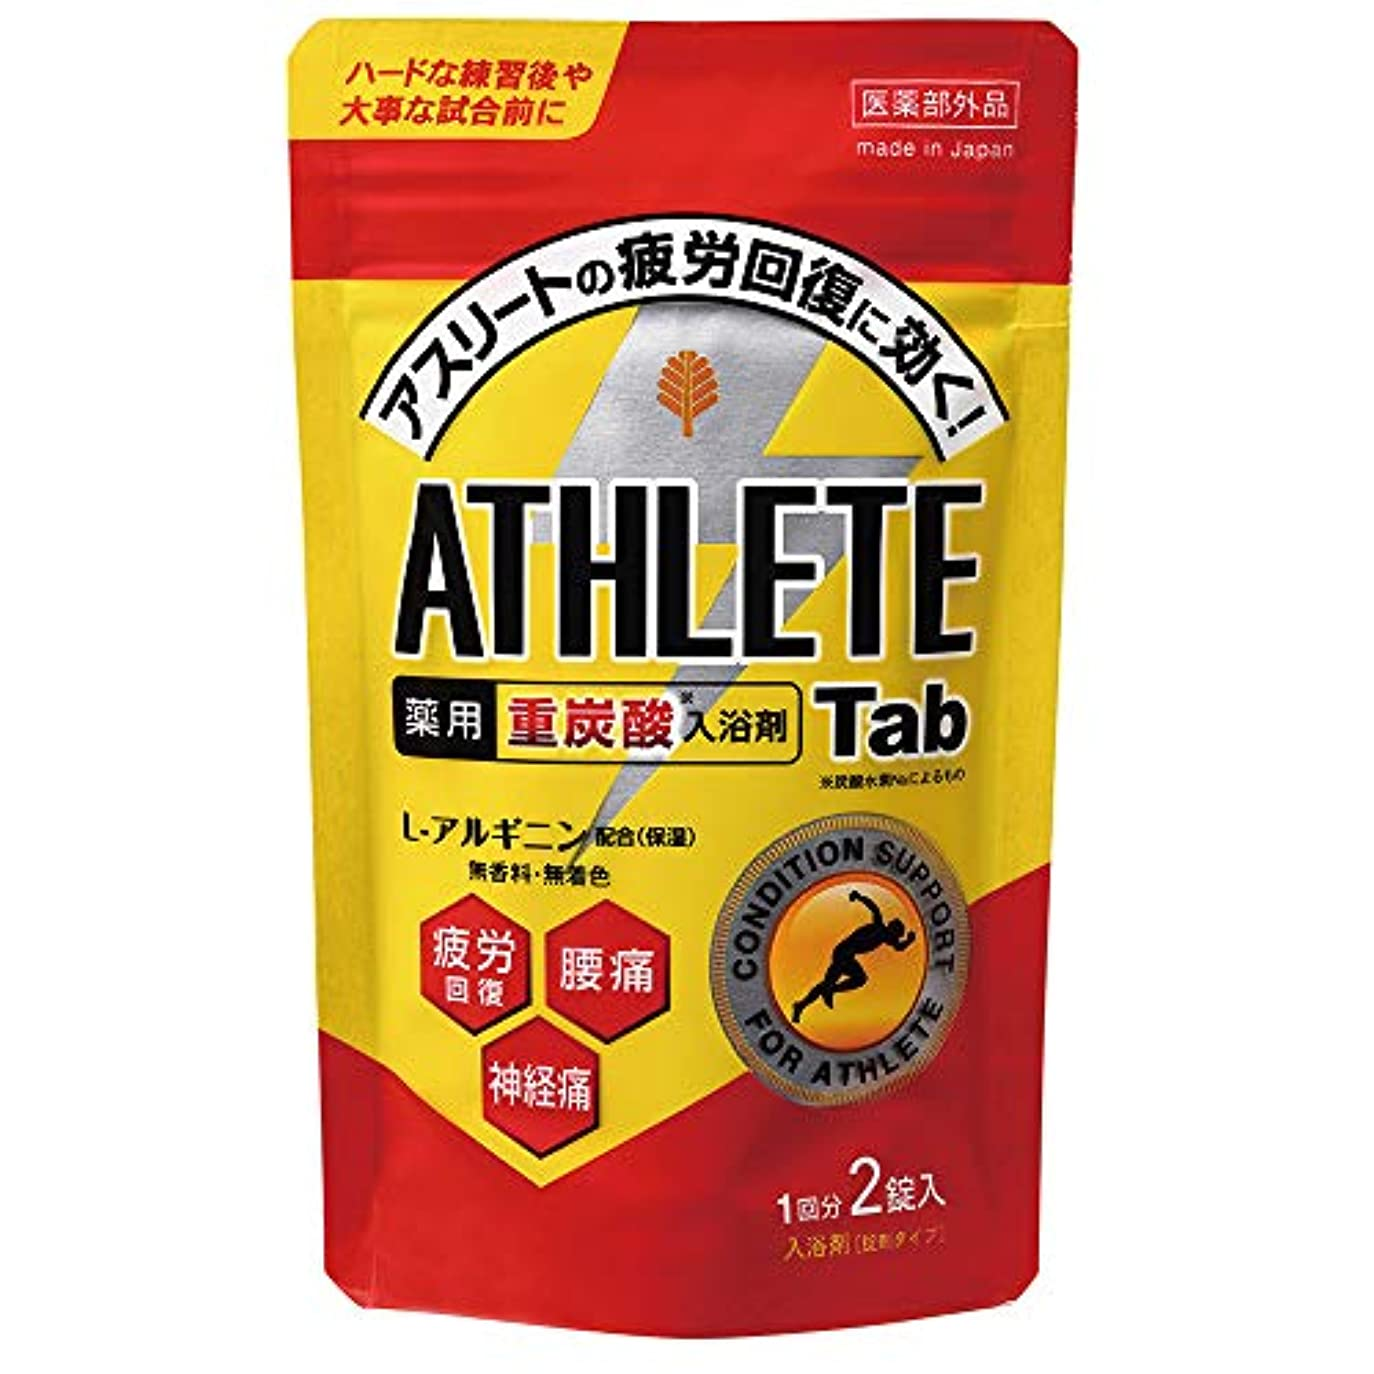 エンコミウム検索エンジン最適化中止します日本製 made in japan 薬用 ATHLETE Tab2錠x1パック BT-8572 【まとめ買い12個セット】